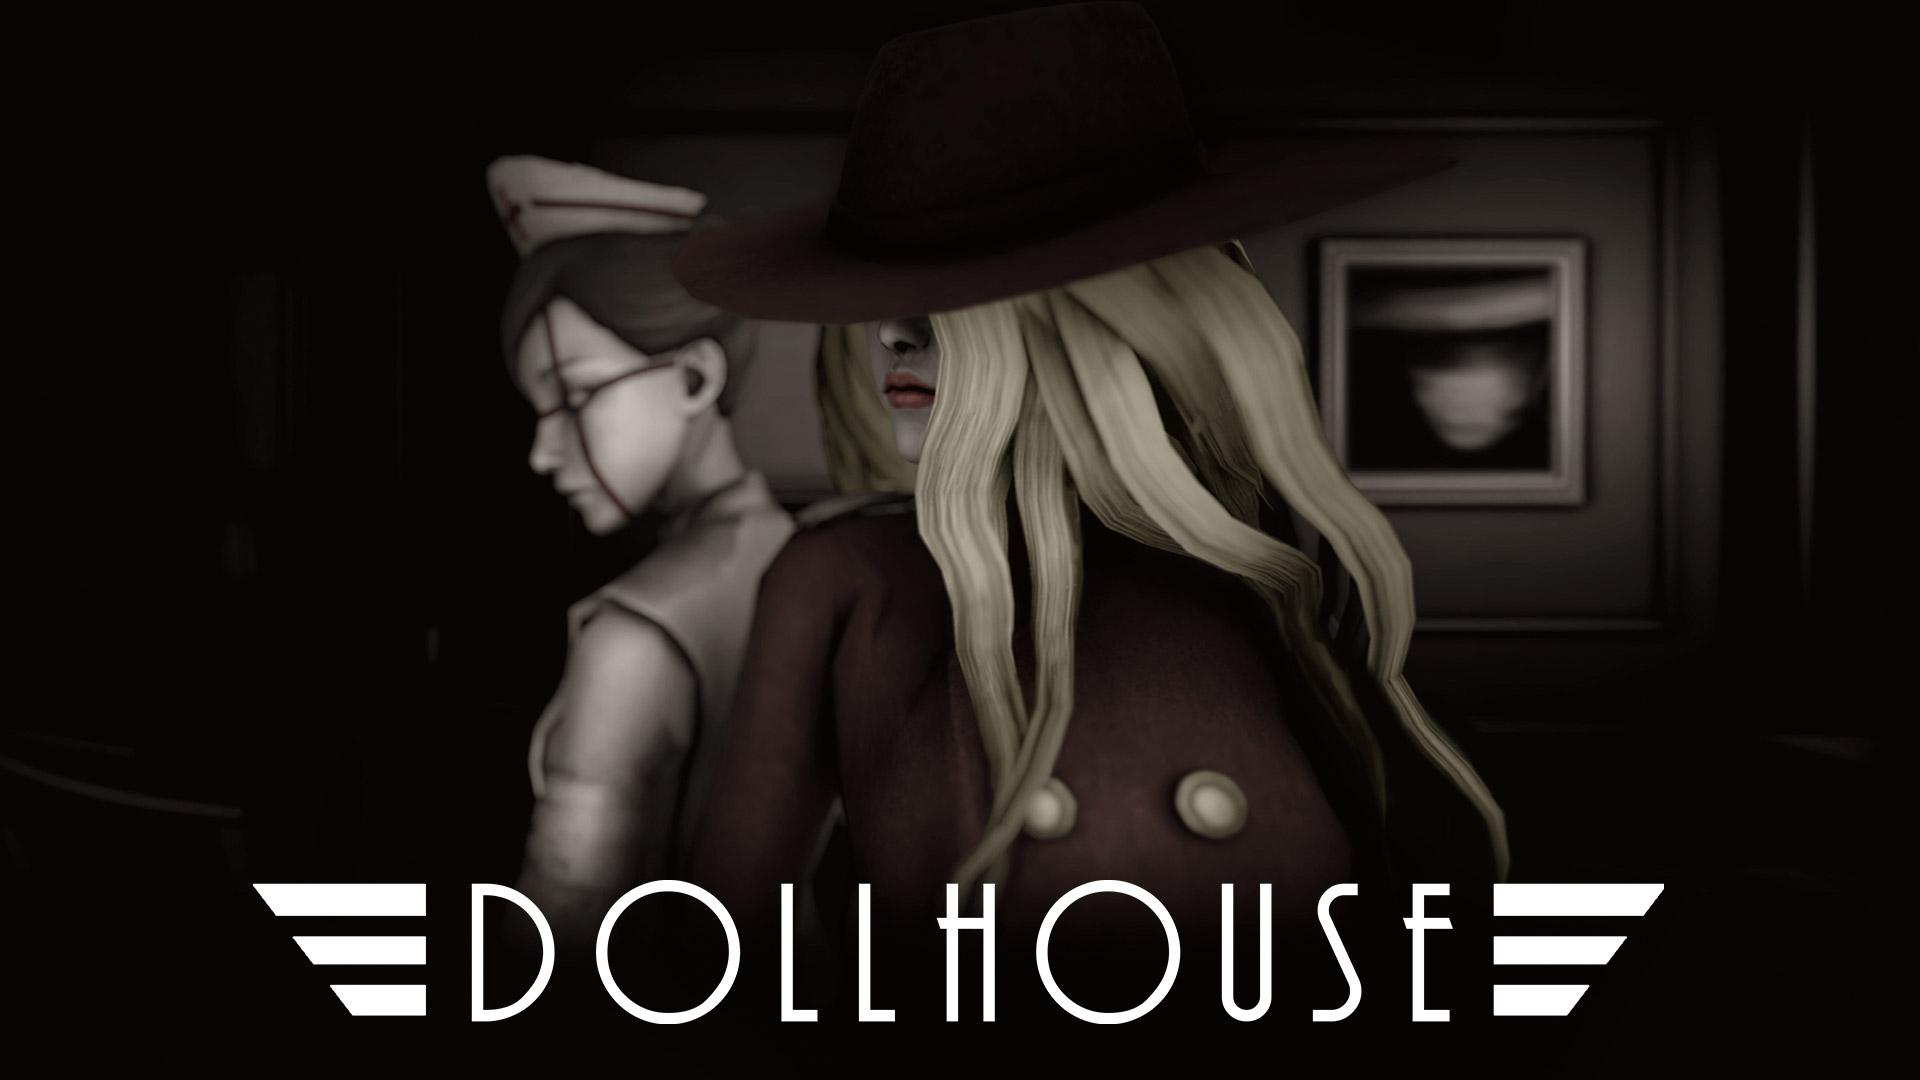 Free Dollhouse Wallpaper in 1920x1080